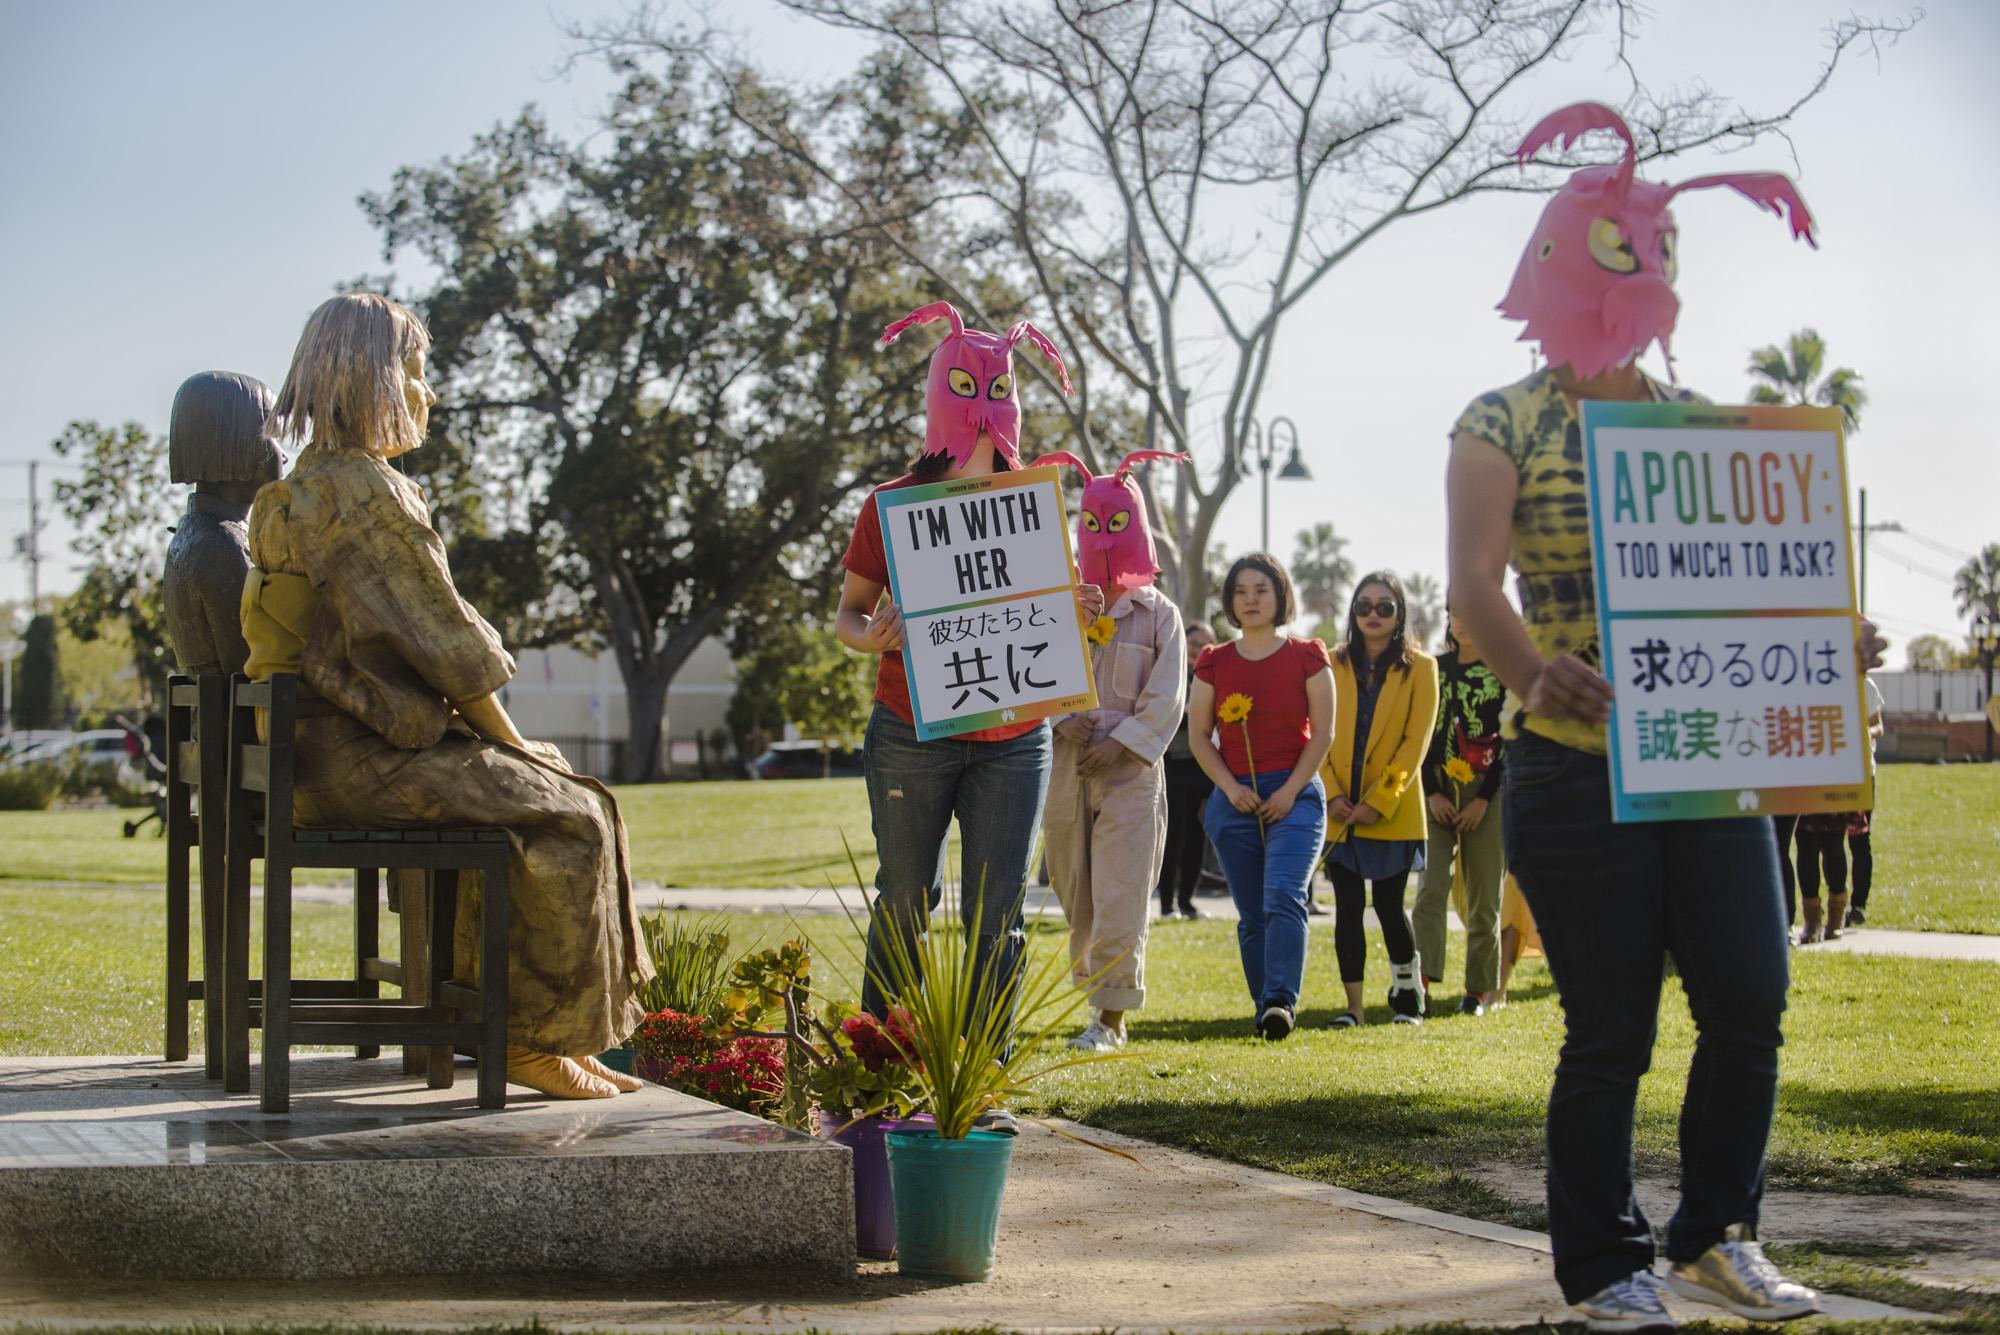 망각에 저항한다 - 엘에이  글렌데일의 평화의 기념비 (소녀상) 앞에서 일본의 페미니스트 미술가 시마다 요시코씨와 협업한 퍼포먼스 작품